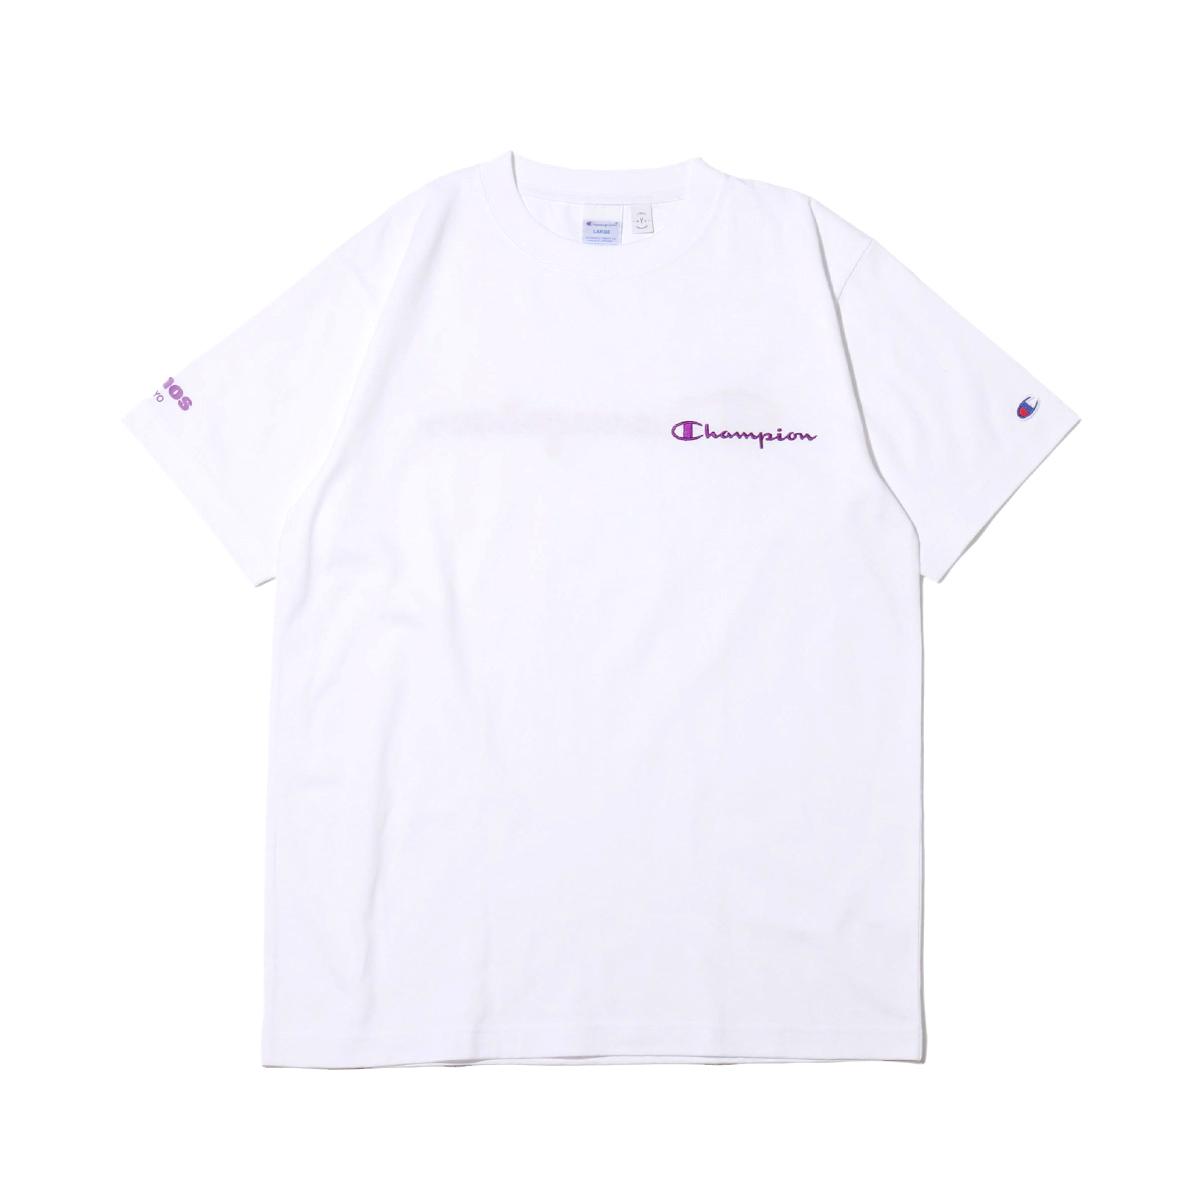 Champion x ATMOS LAB T-SHIRTS(ホワイト)(チャンピオン x アトモスラボ ティーシャツ)【メンズ】【半袖Tシャツ】【19FW-S】